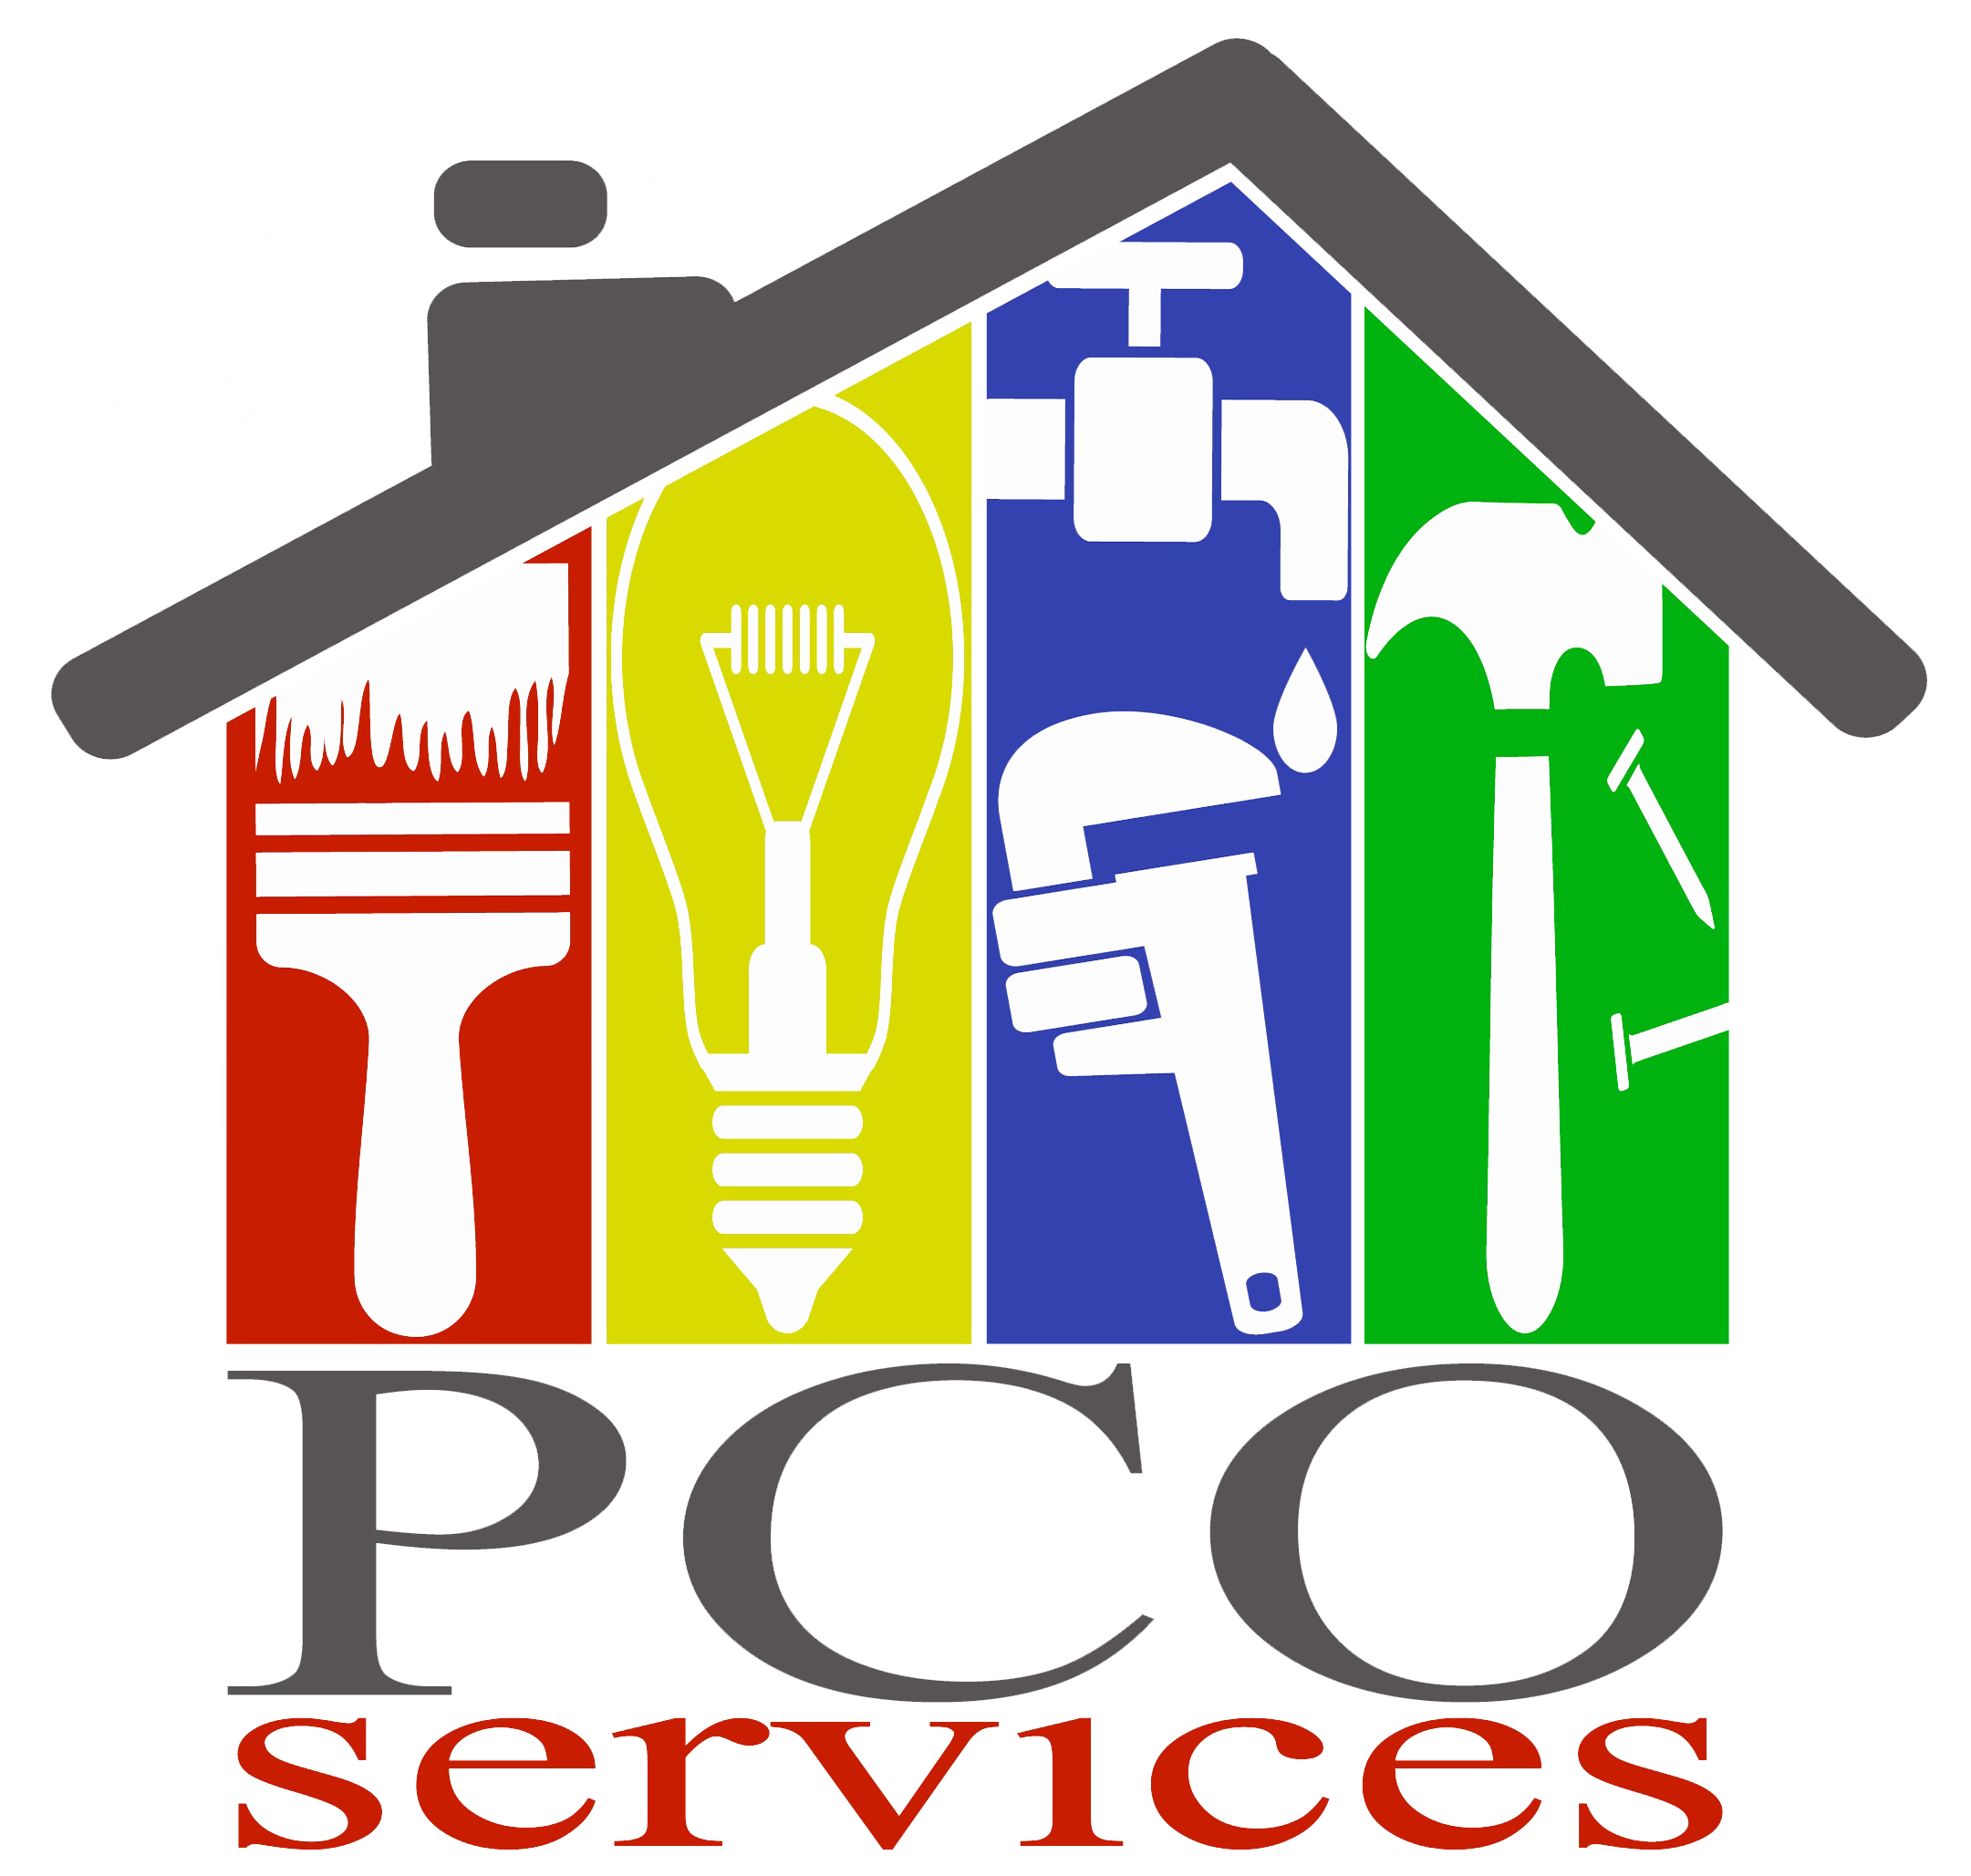 PCO Services